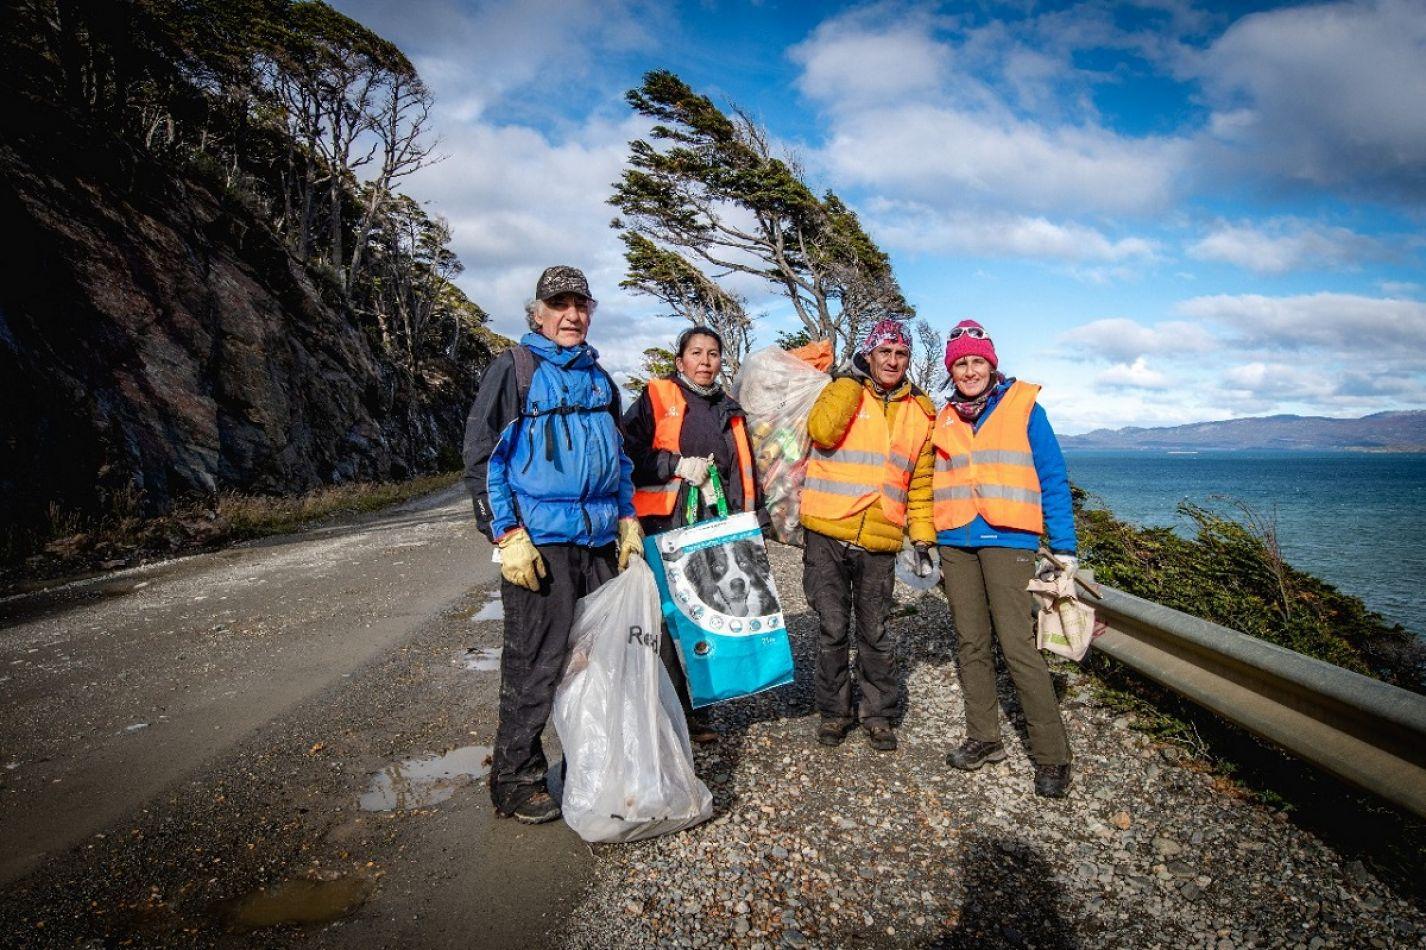 La Municipalidad de Ushuaia participó de la campaña de limpieza del canal Beagle